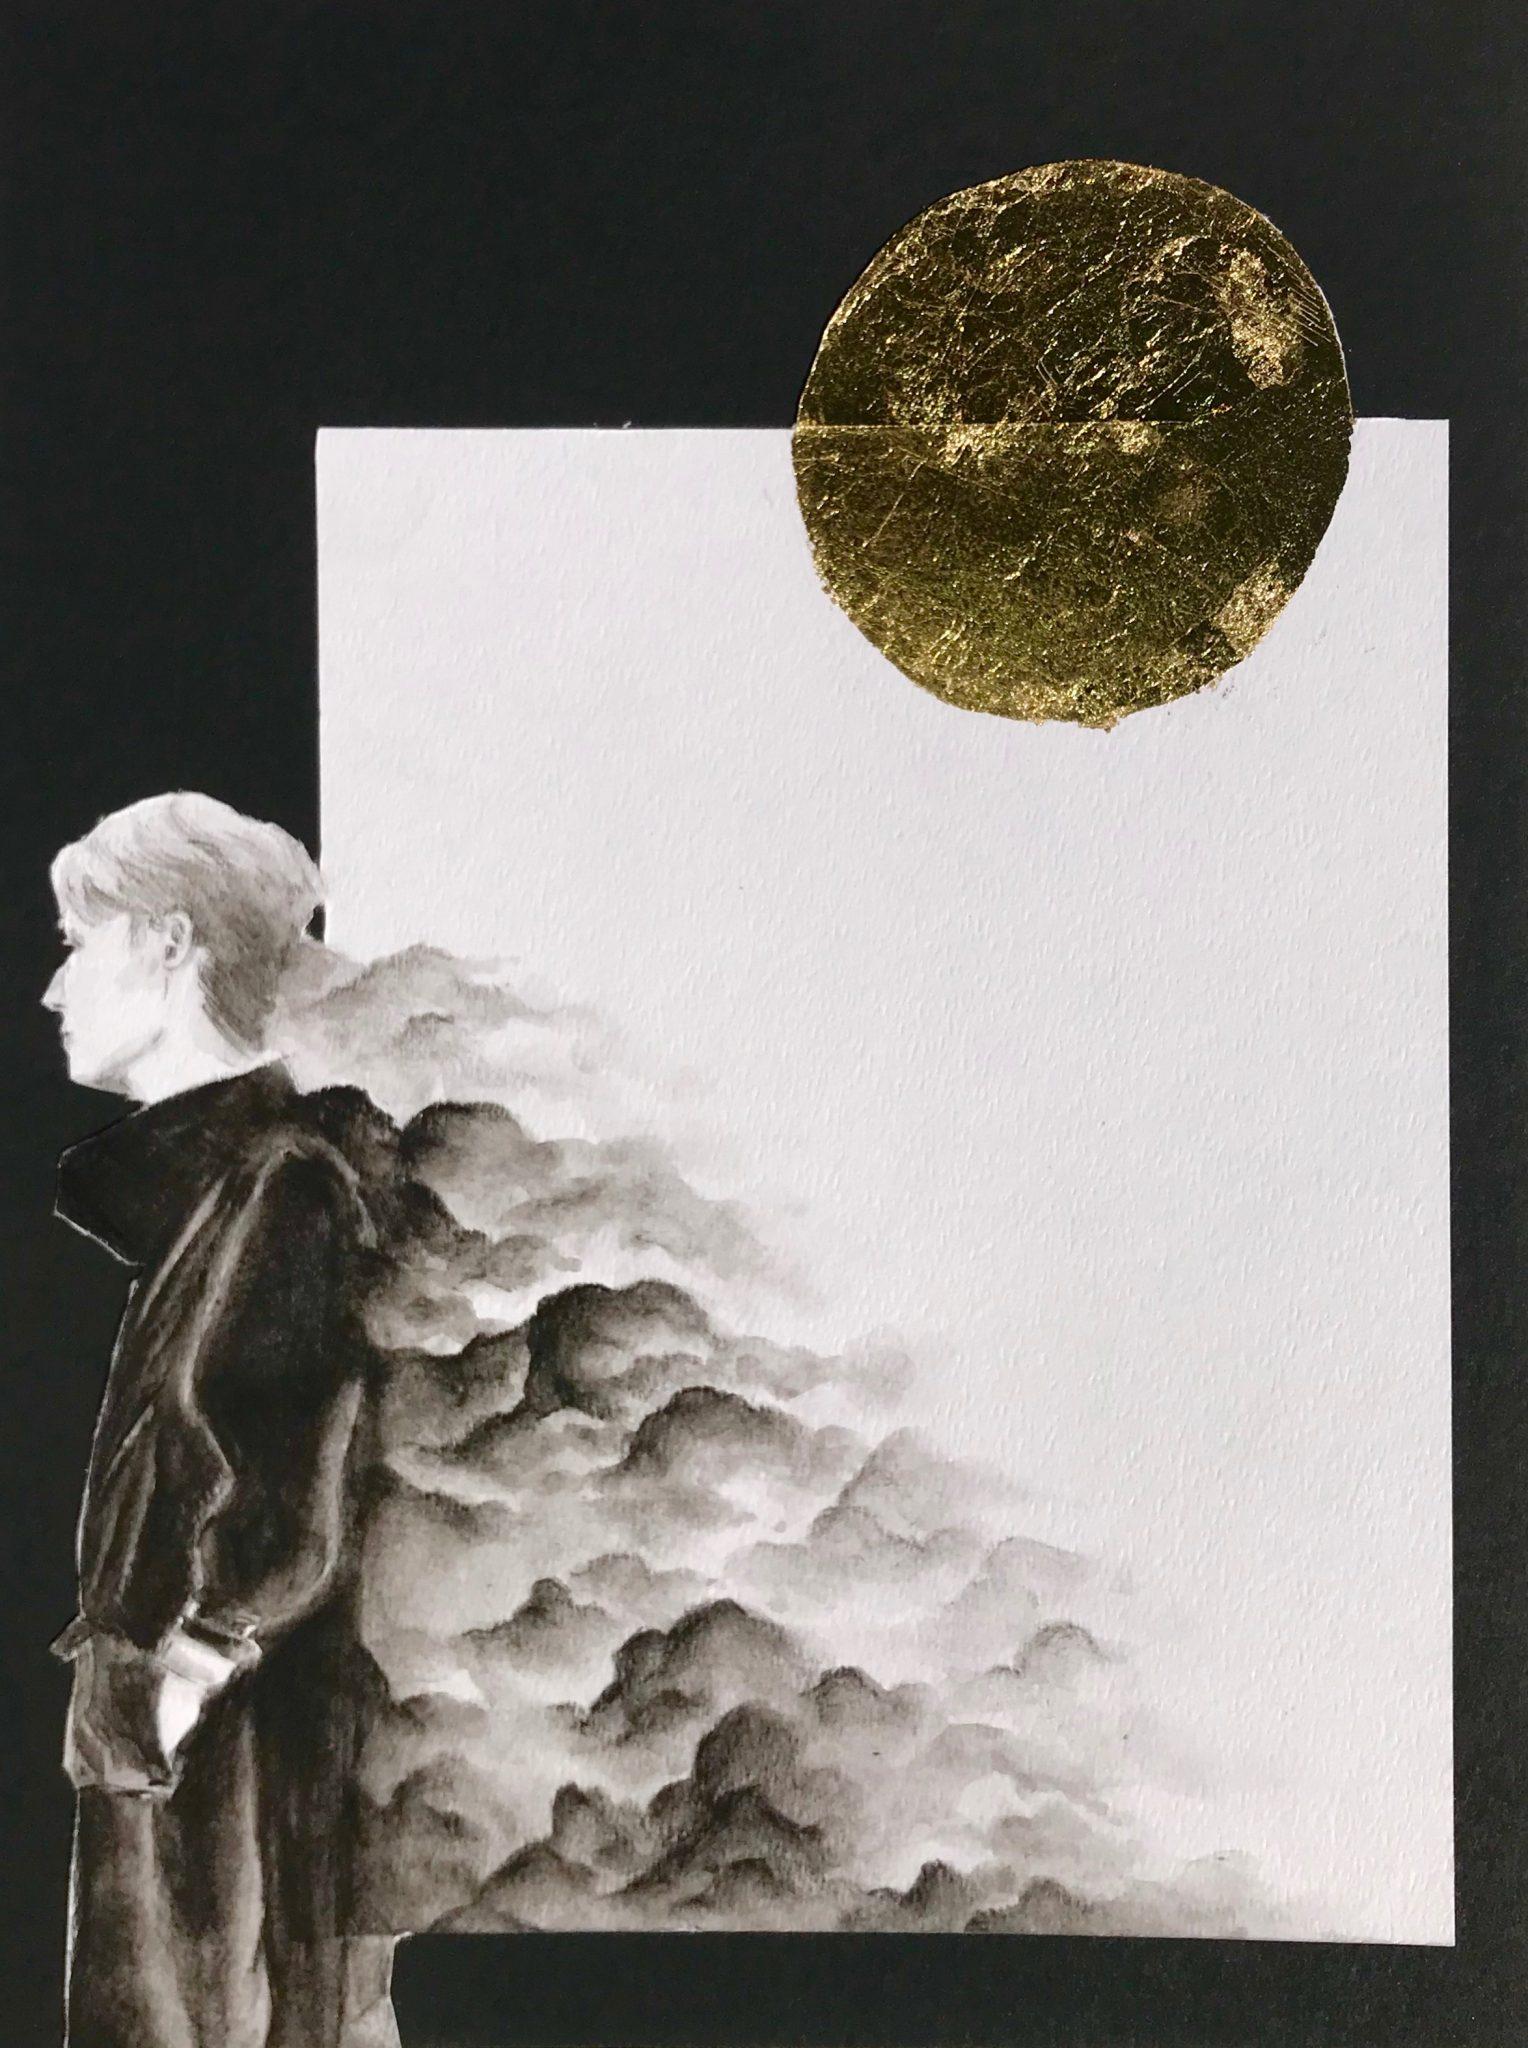 Ephemeral by Arley Sakai